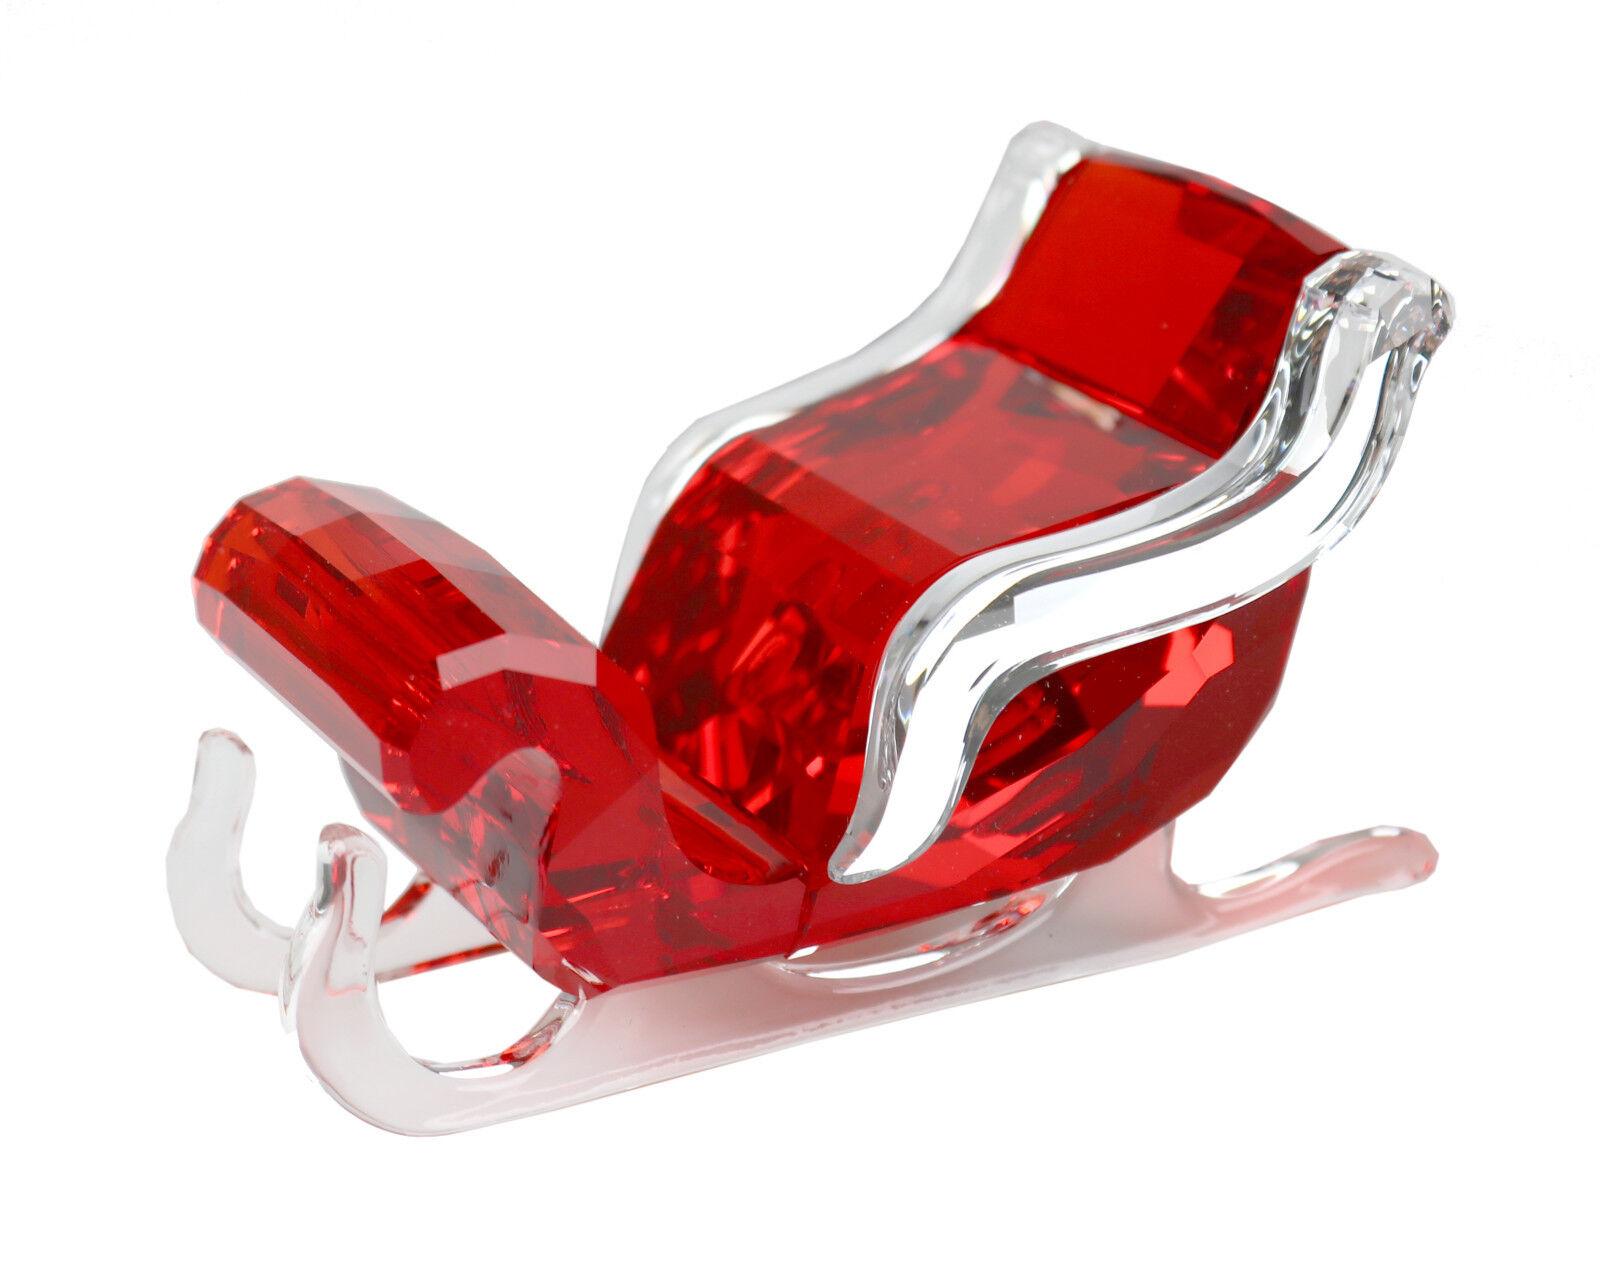 SWAROVSKI Glasfigur Noël Décoration luge Santa's Sleigh Noël Glasfigur 5223691 c21492